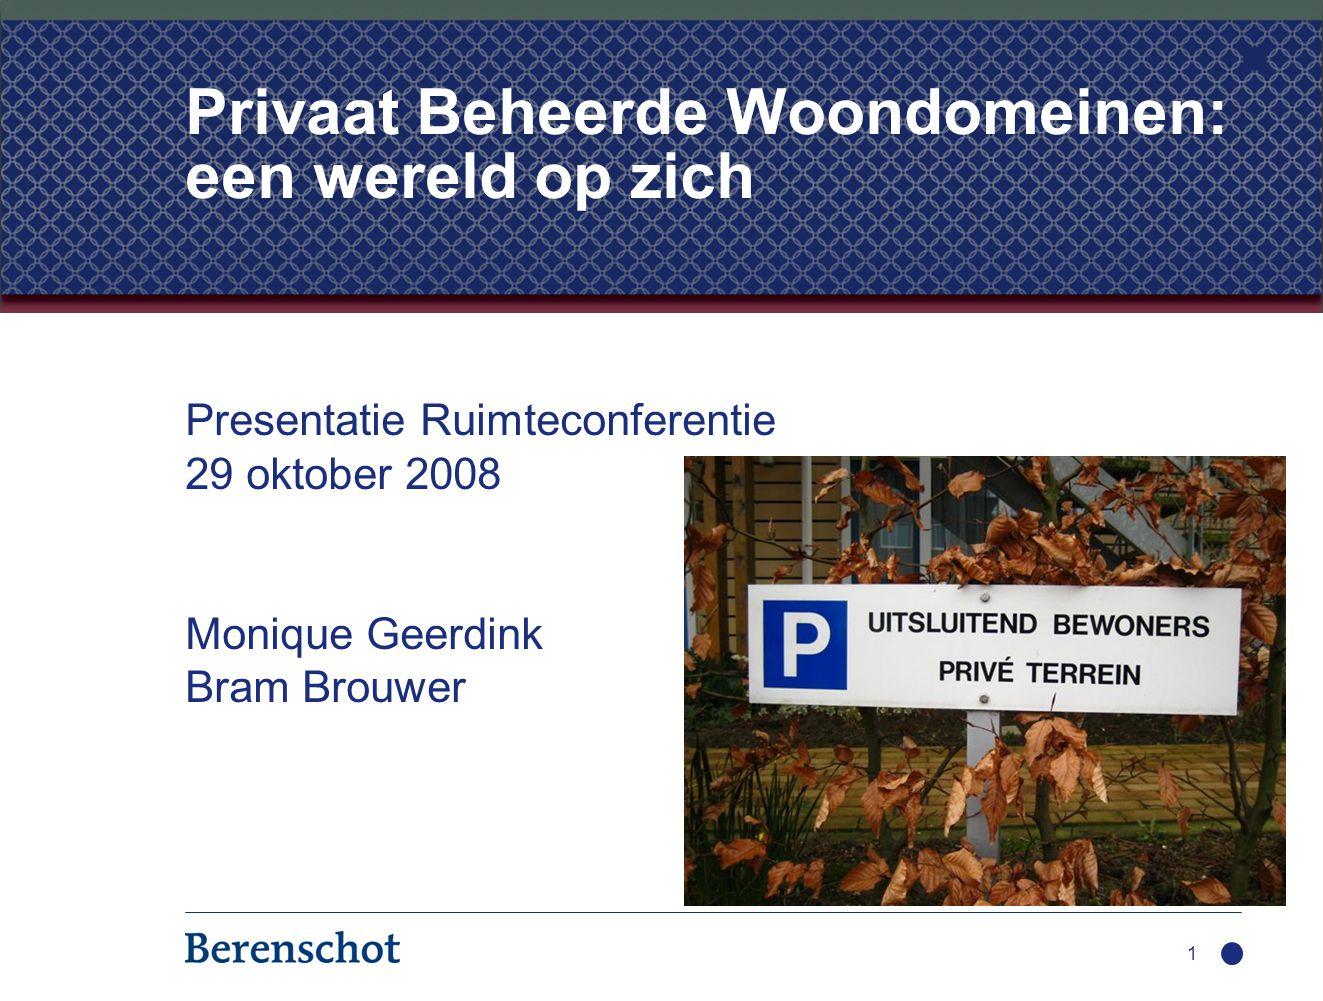 Presentatie Ruimteconferentie 29 oktober 2008 Monique Geerdink Bram Brouwer 1 Privaat Beheerde Woondomeinen: een wereld op zich